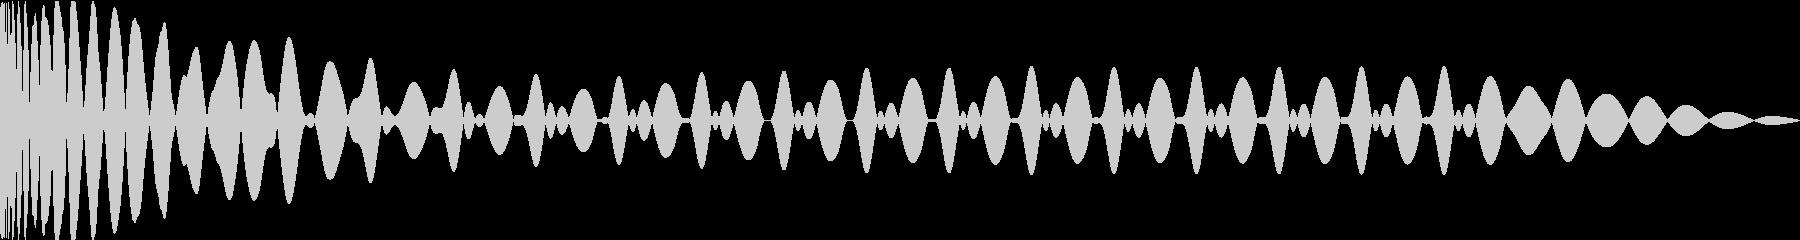 EDMキックEの未再生の波形